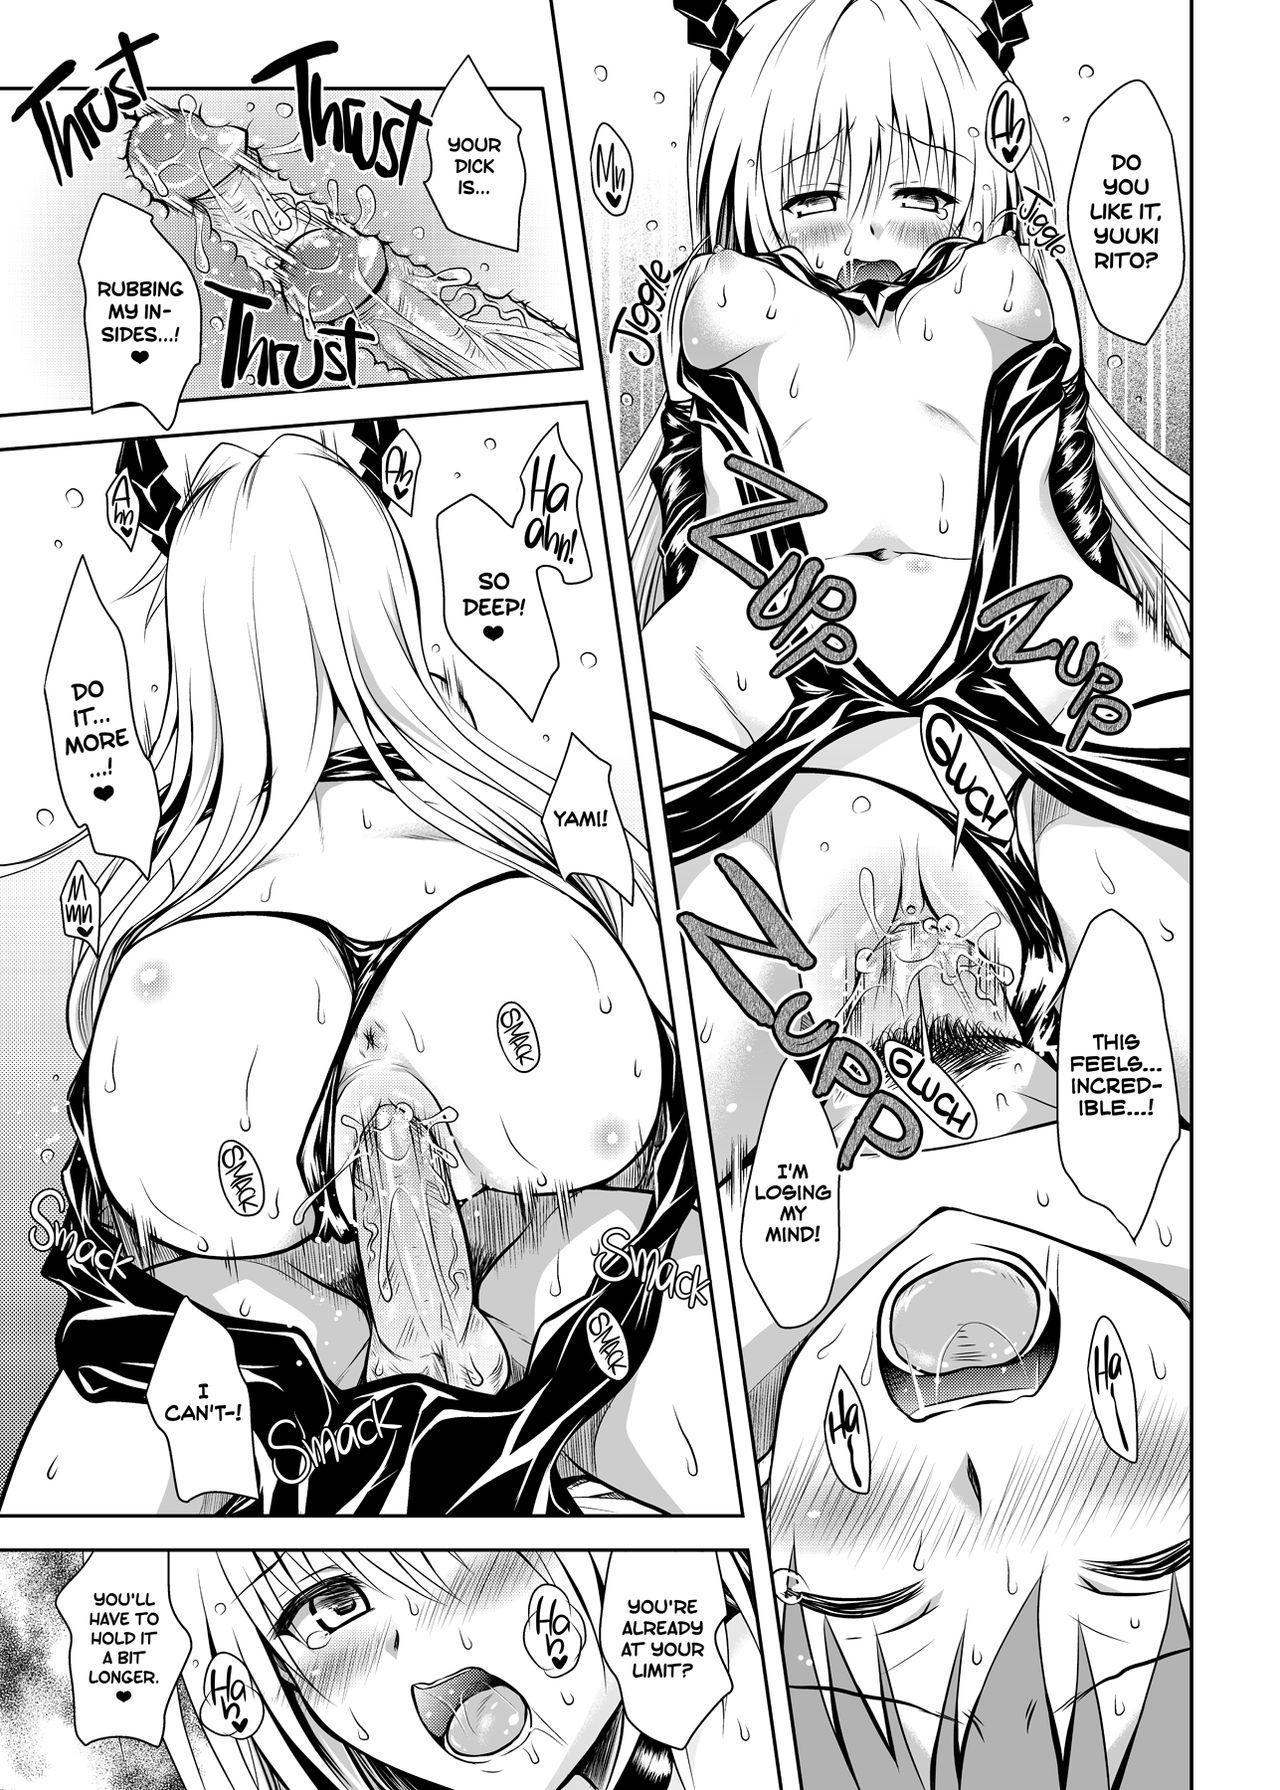 Ecchii no ga Daisuki desu | Having Sex is Fun 14